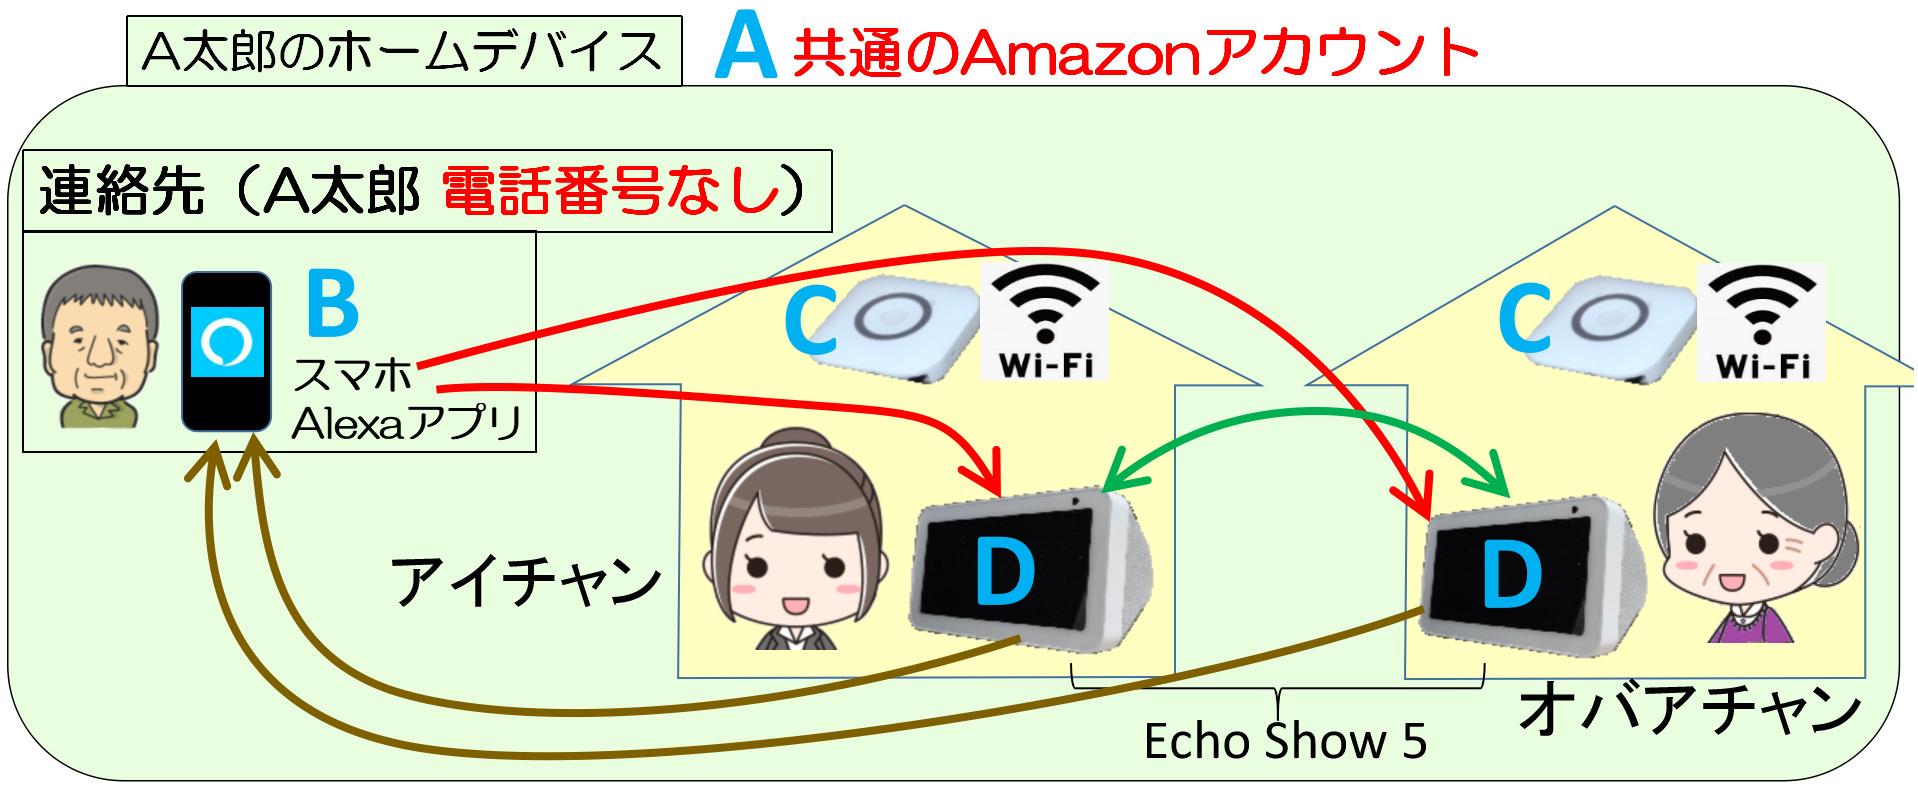 ホームデバイス内でEcho Show 5を別々のWiFi環境下で使う環境